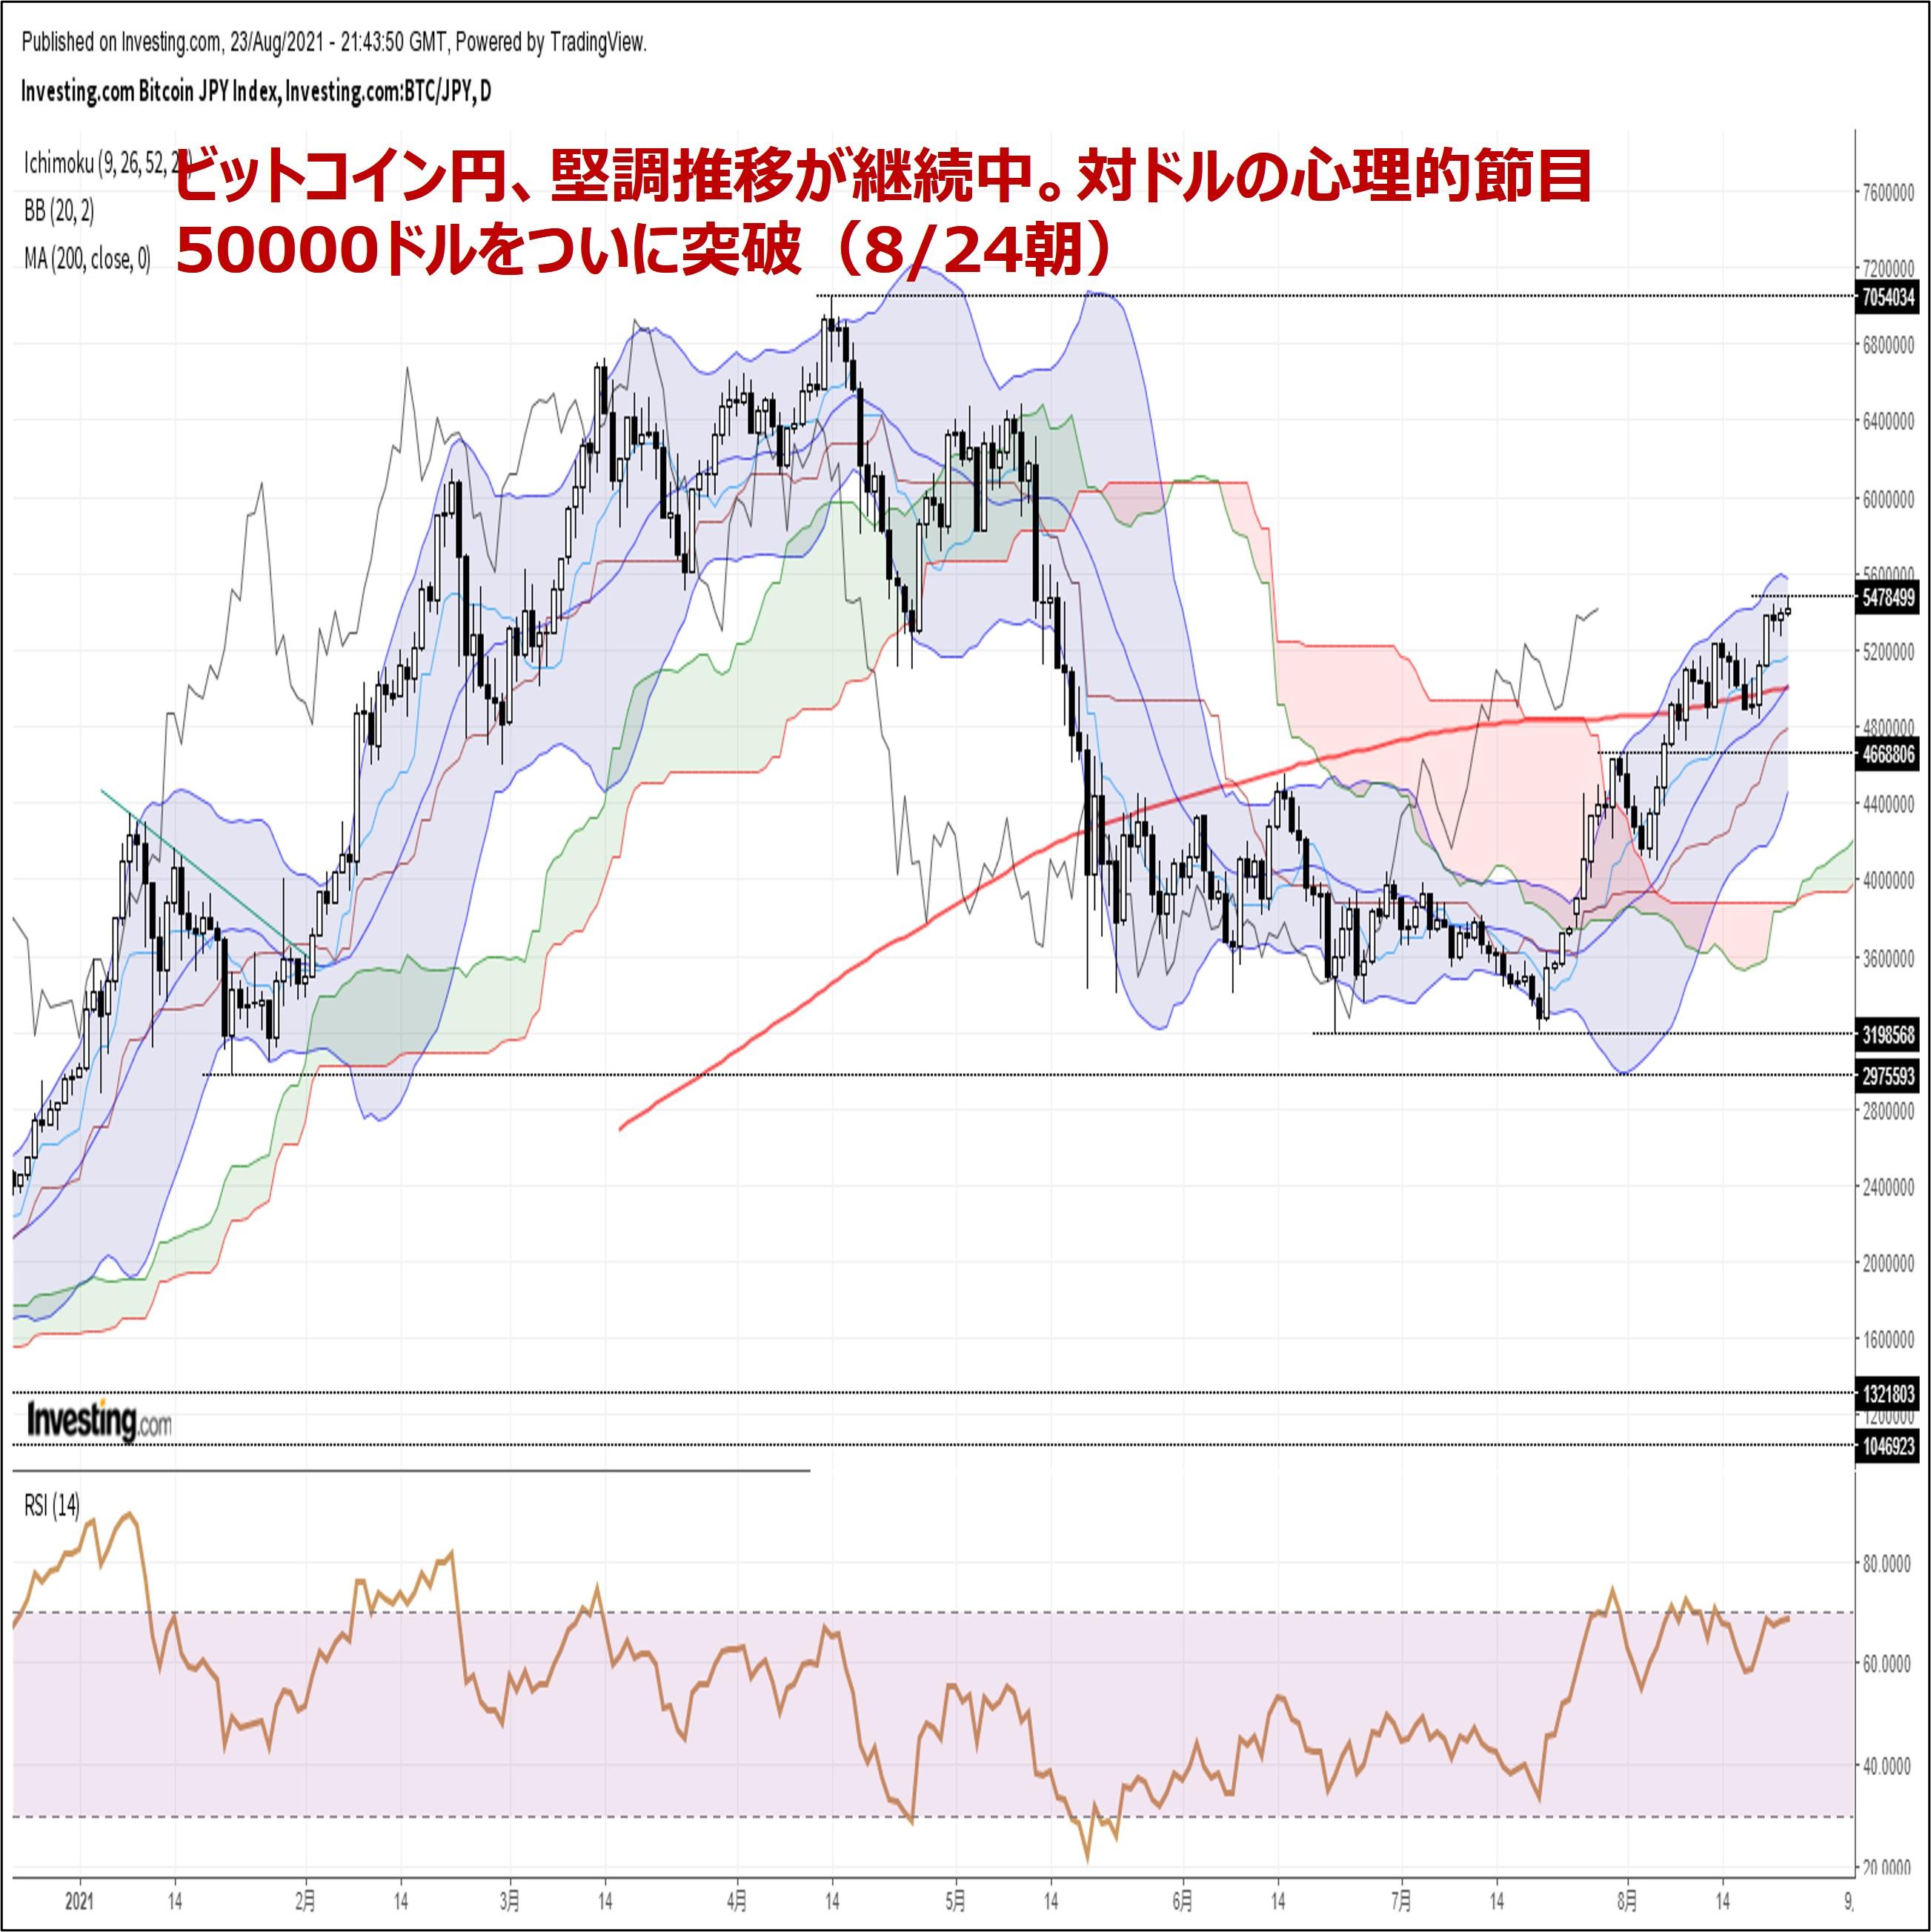 ビットコイン円、堅調推移が継続中。対ドルの心理的節目50000ドルをついに突破(8/24朝)